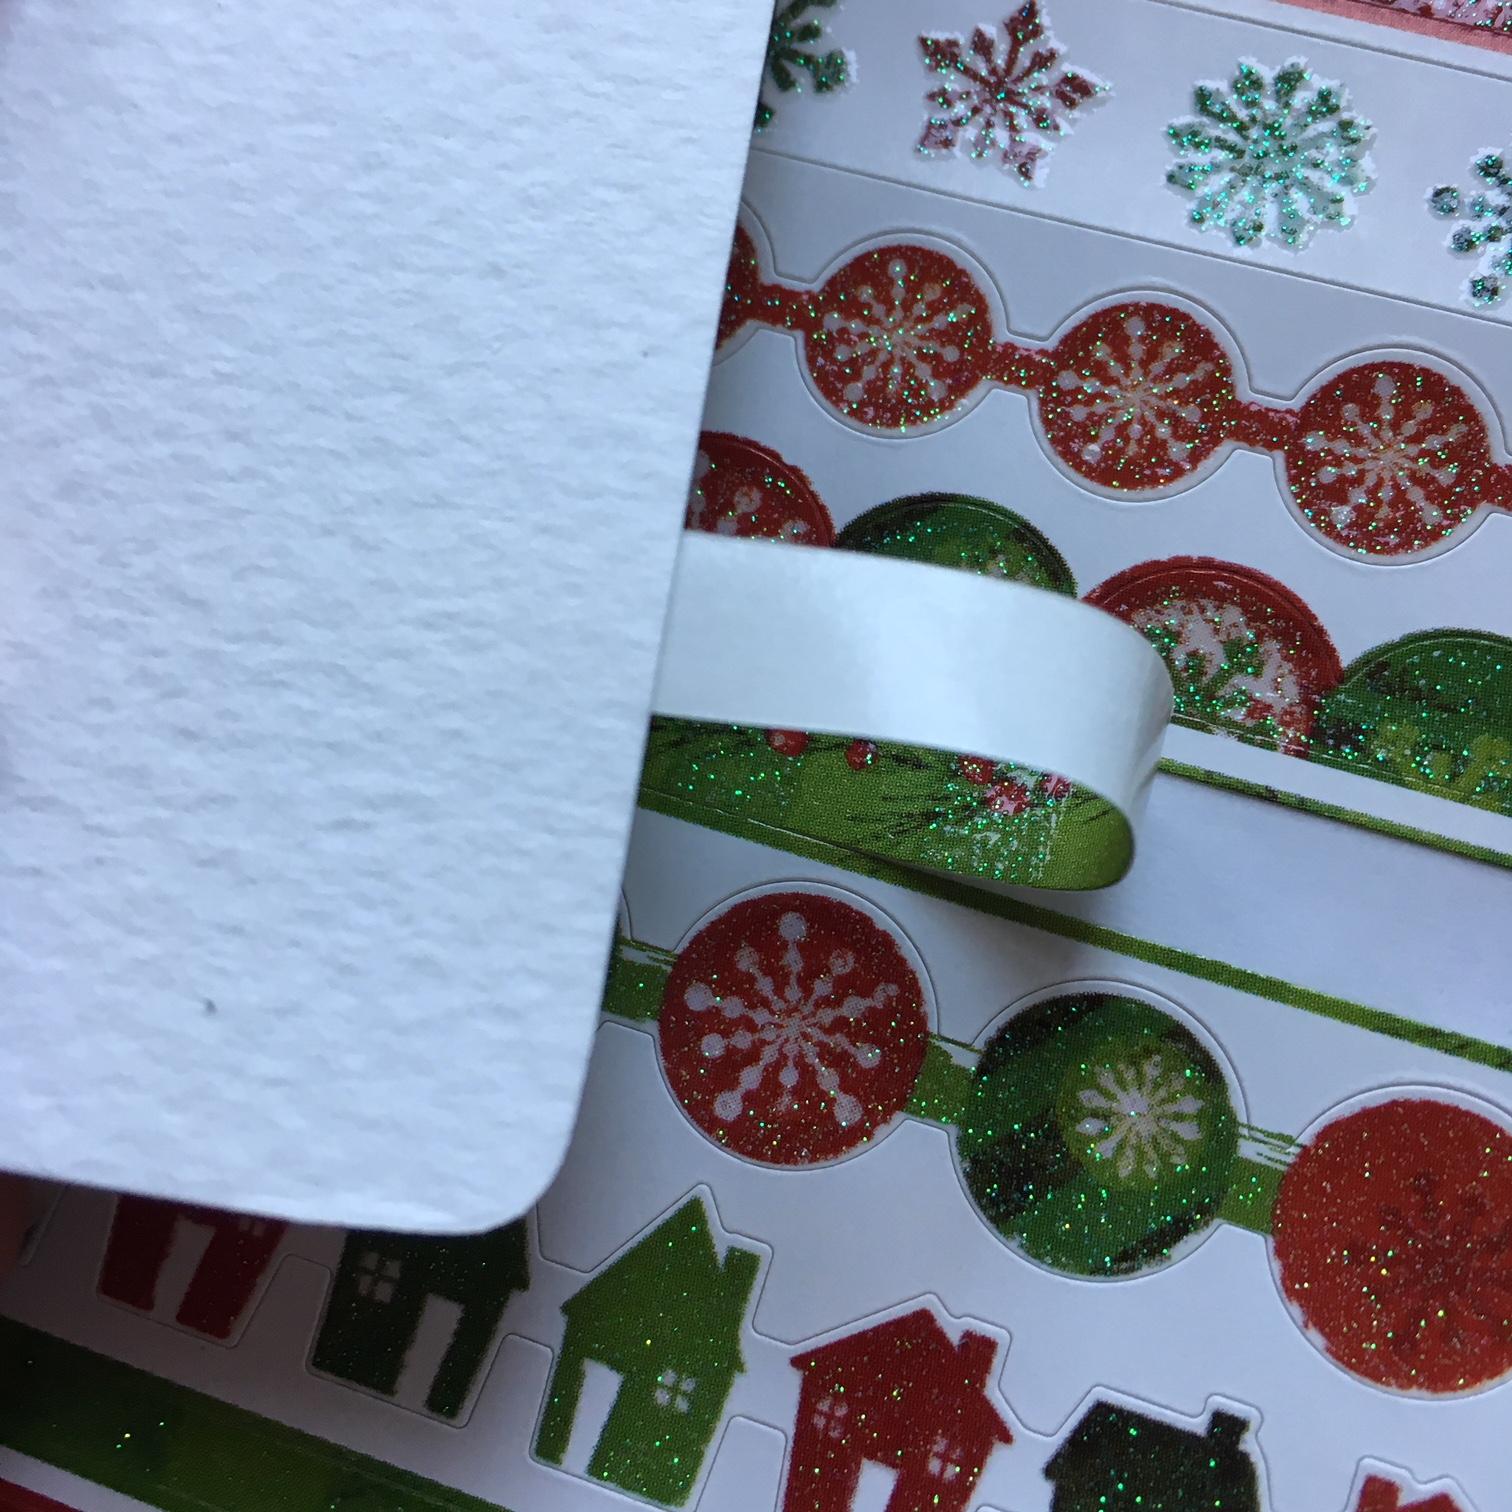 изработване на коледни тагове и етикети за подаръци със стикери